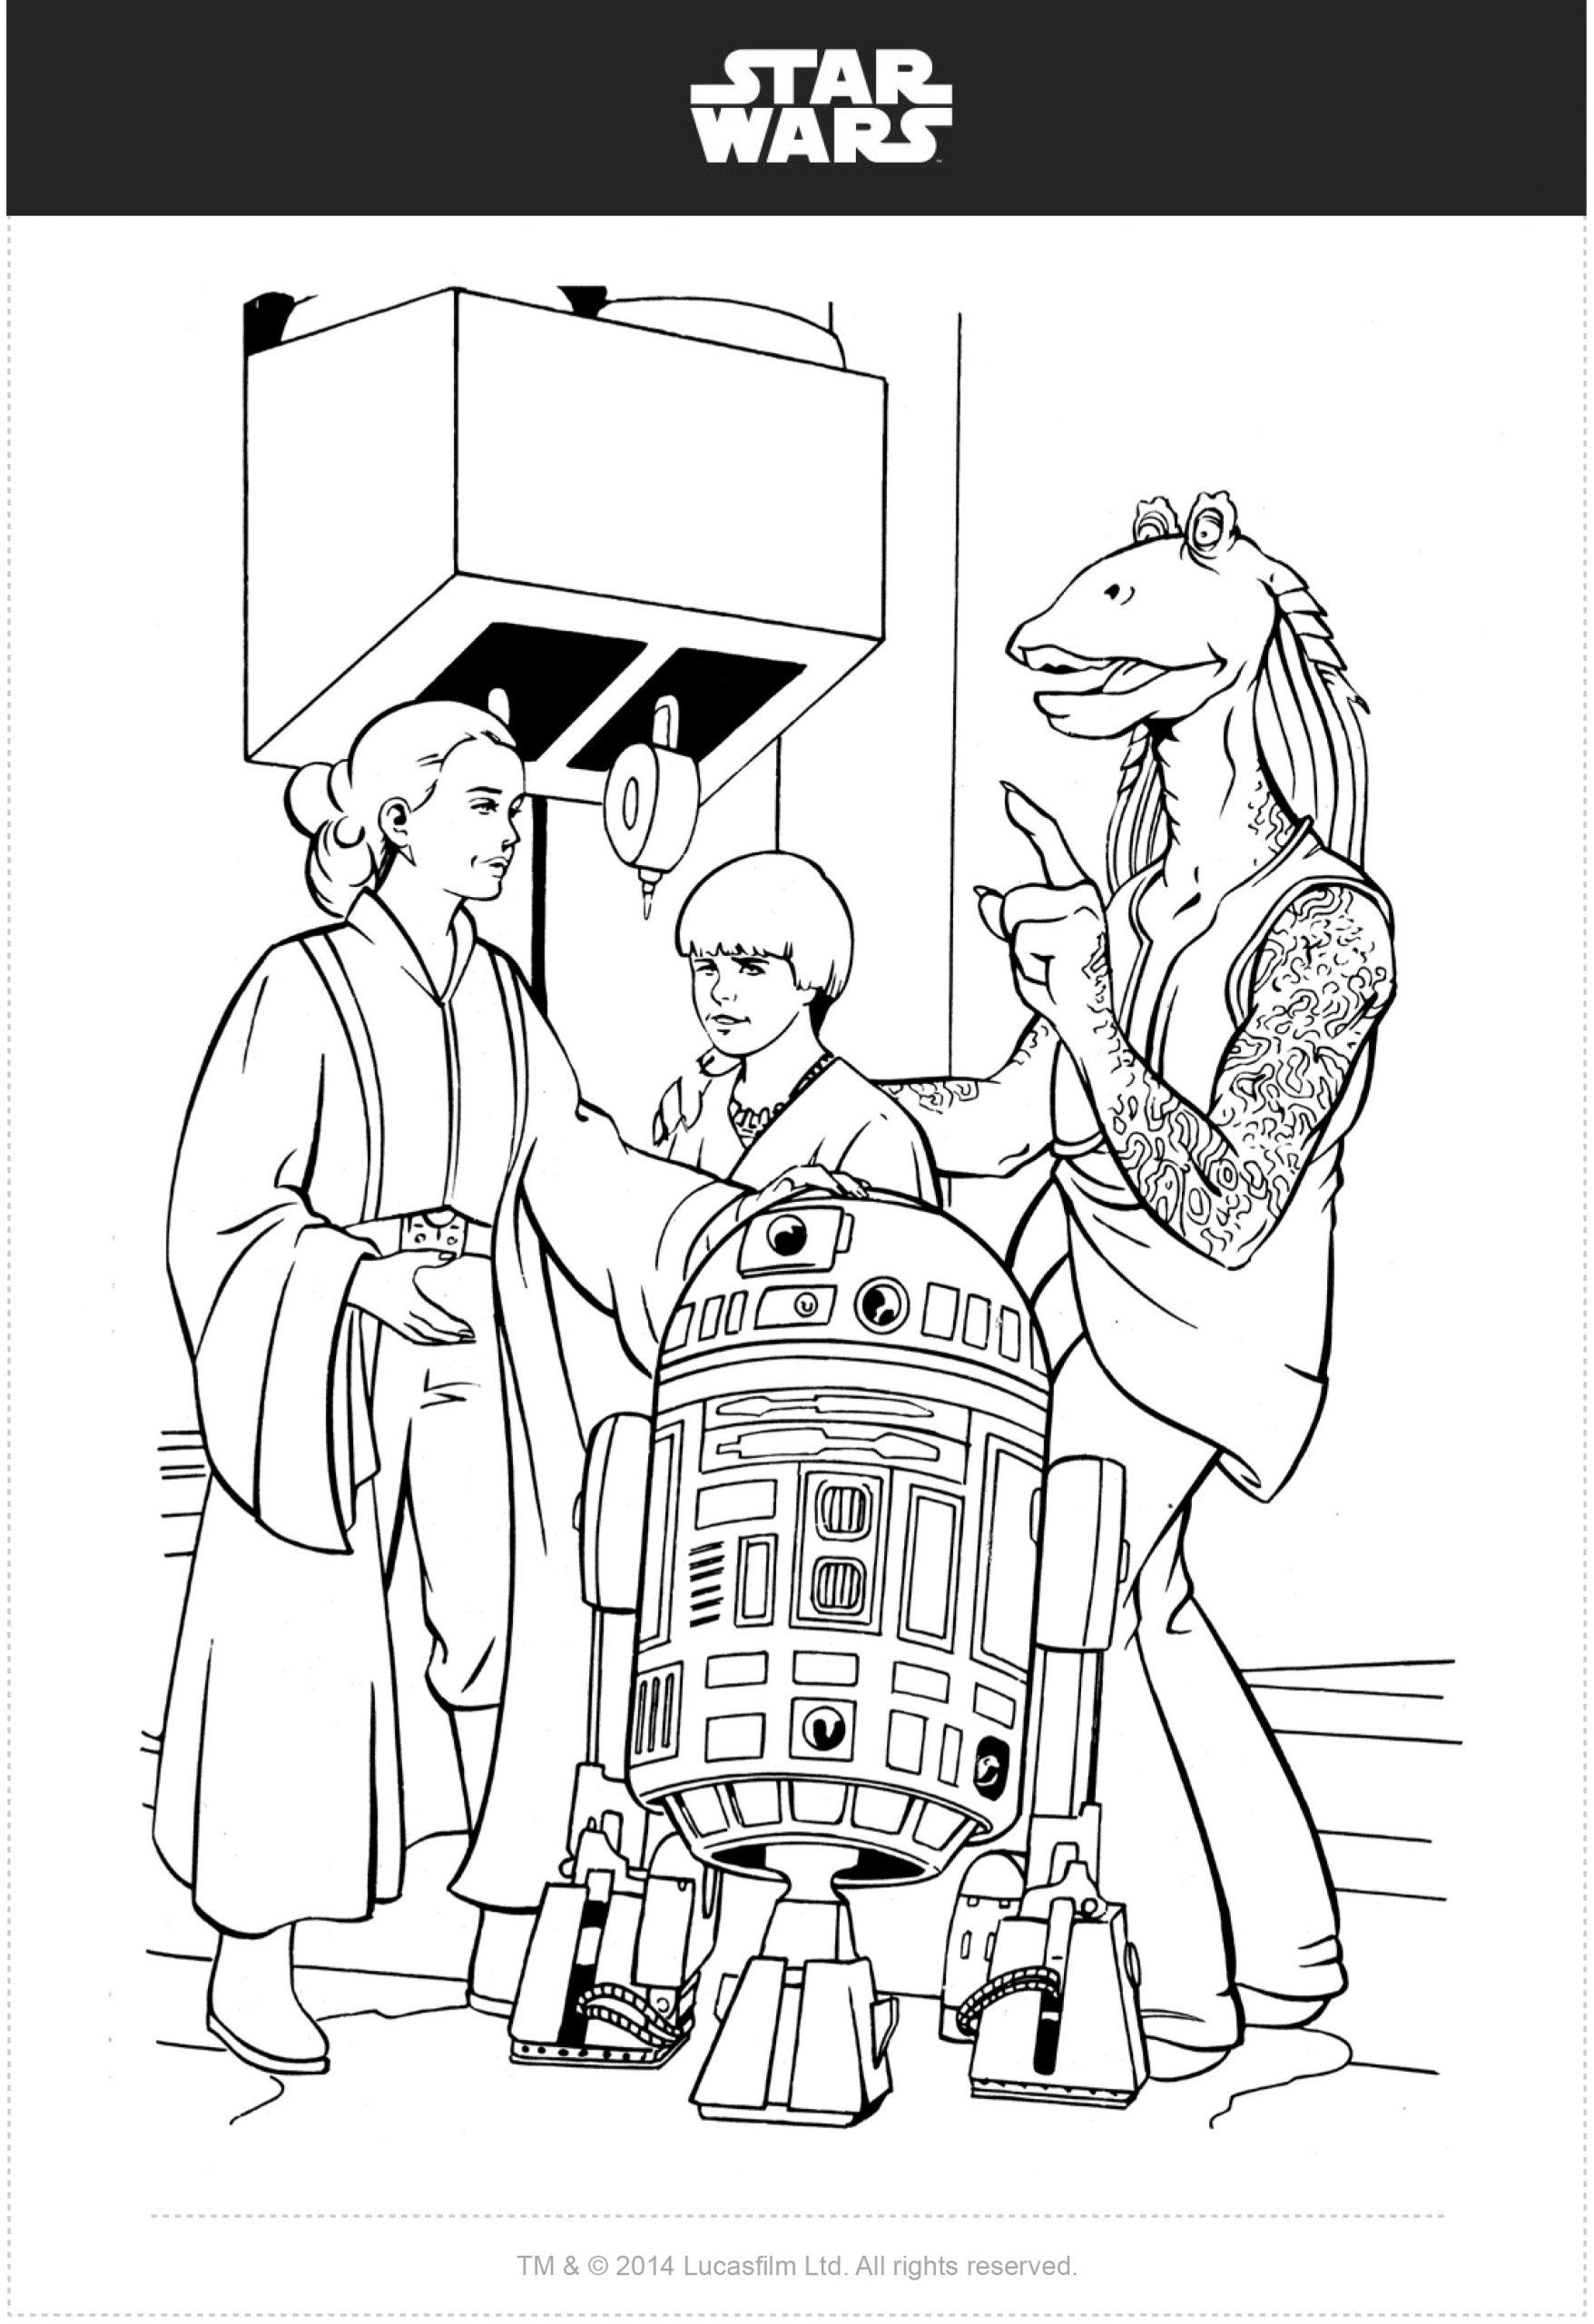 Star Wars Ausmalbilder - Kostenlose Malvorlagen - Mytoys Blog bestimmt für Star Wars Ausmalbilder Gratis